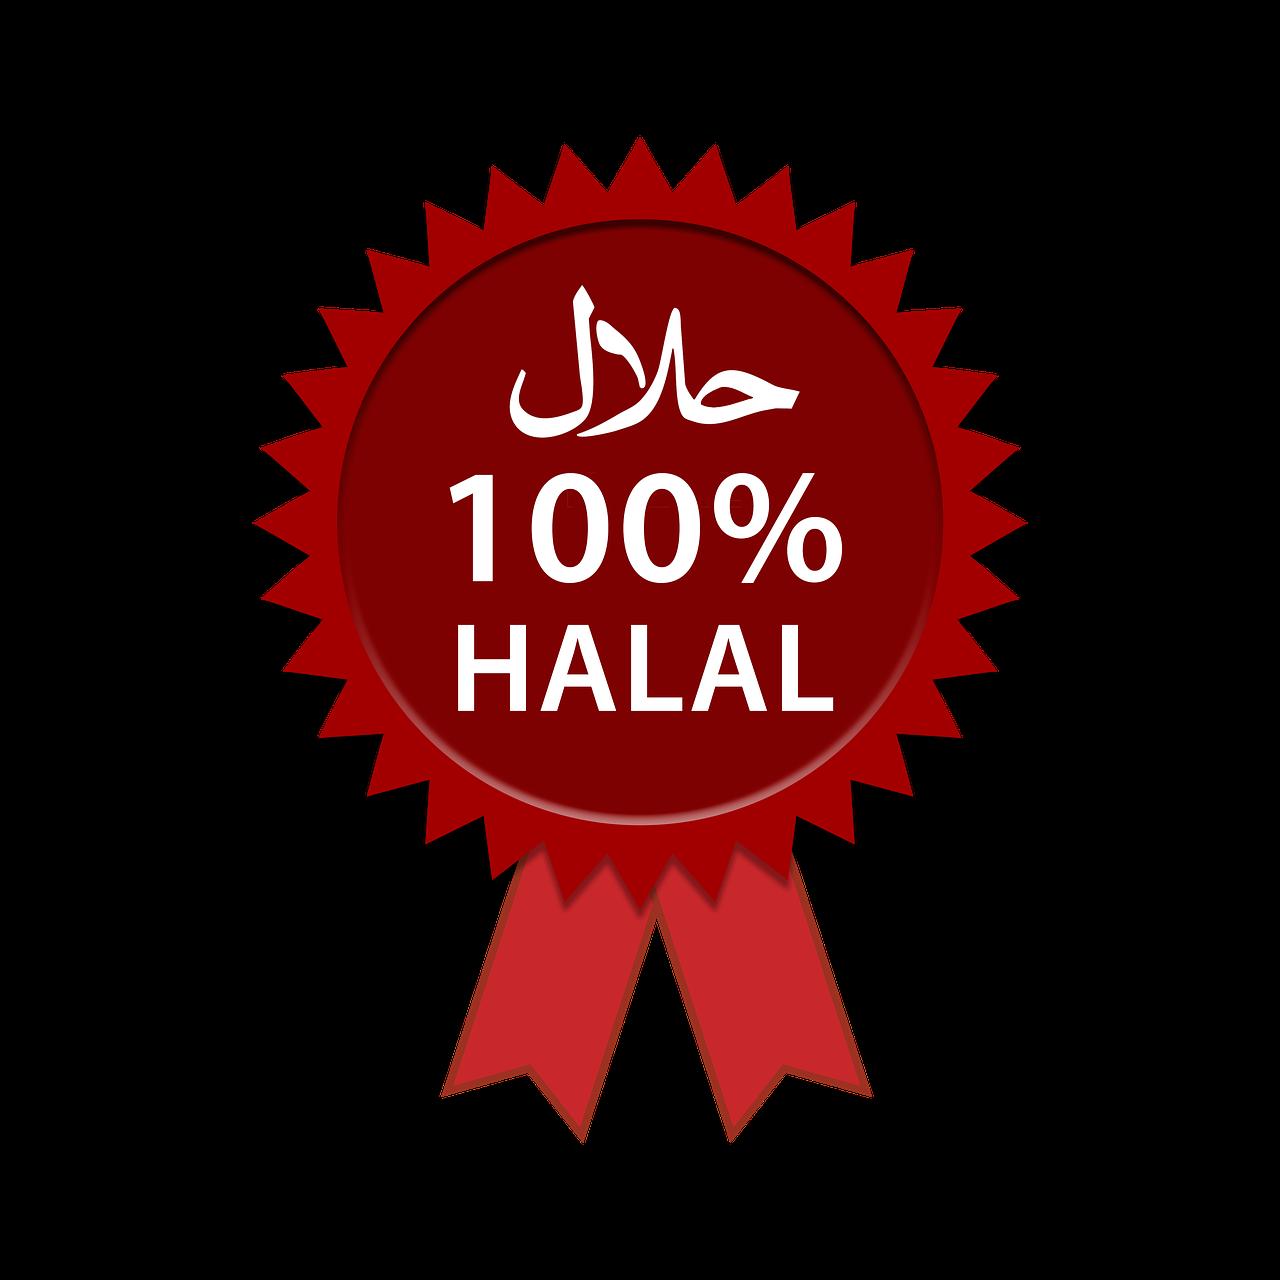 Halal Food in HK – 2018